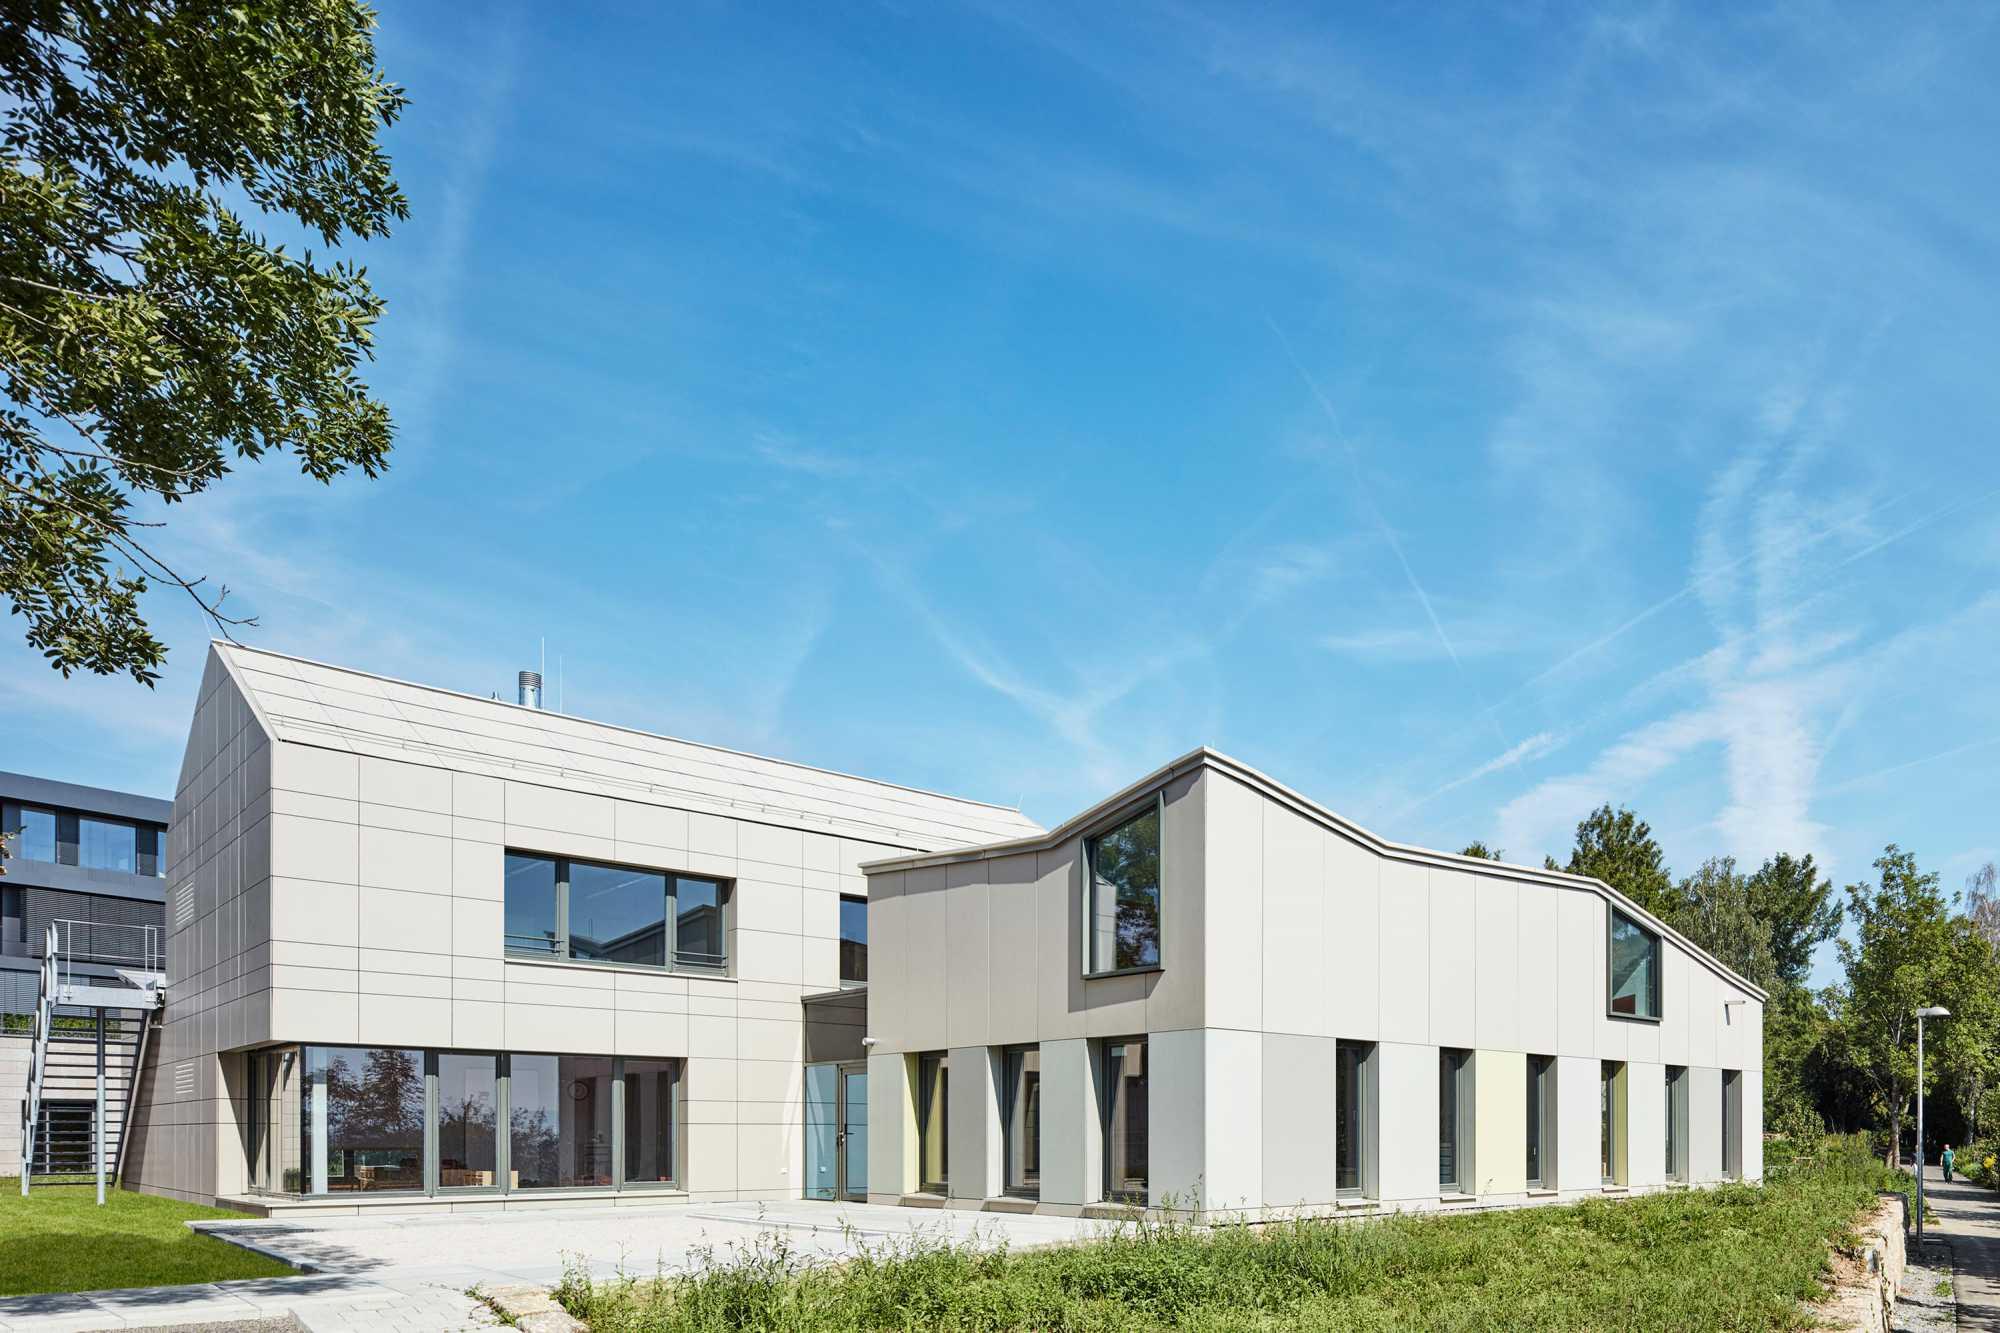 ›Kindergarten, Krippe, Hort, Kita‹ – ffpublishers veröffentlicht unsere Kita auf dem Max-Planck-Campus ({project_images:field_row_count})